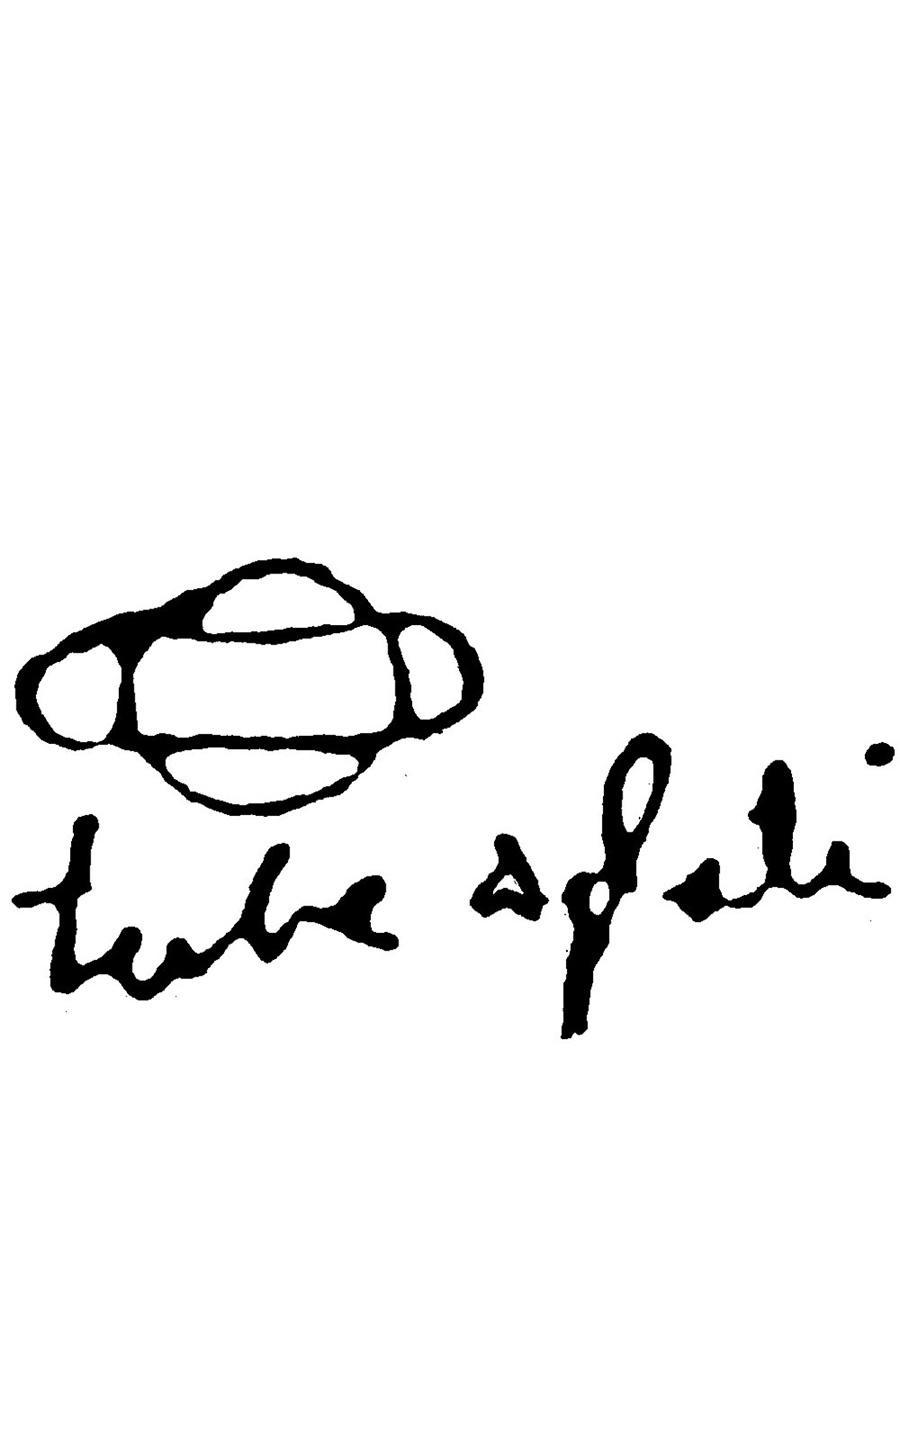 プルーヴェによる「TUBE APLATI」の直筆サイン。